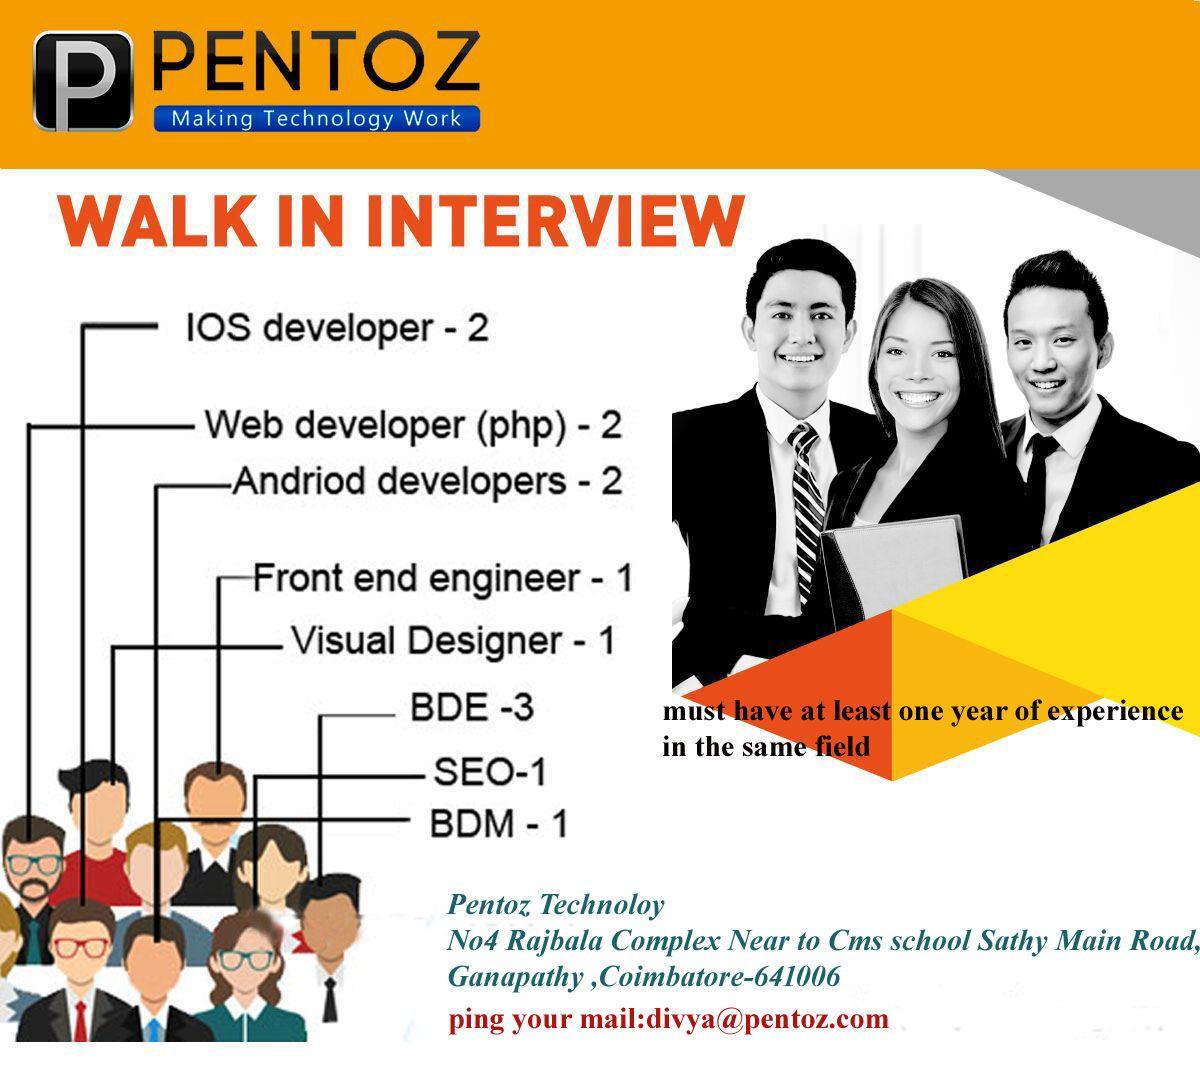 Jobs Jobsofinstagram Jobsid Jobsincle Jobsteeet Jobshop Jobsmiami Jobsitelife Jobsinfashion Jobscen Marketing Jobs New Business Ideas Job Search Tips